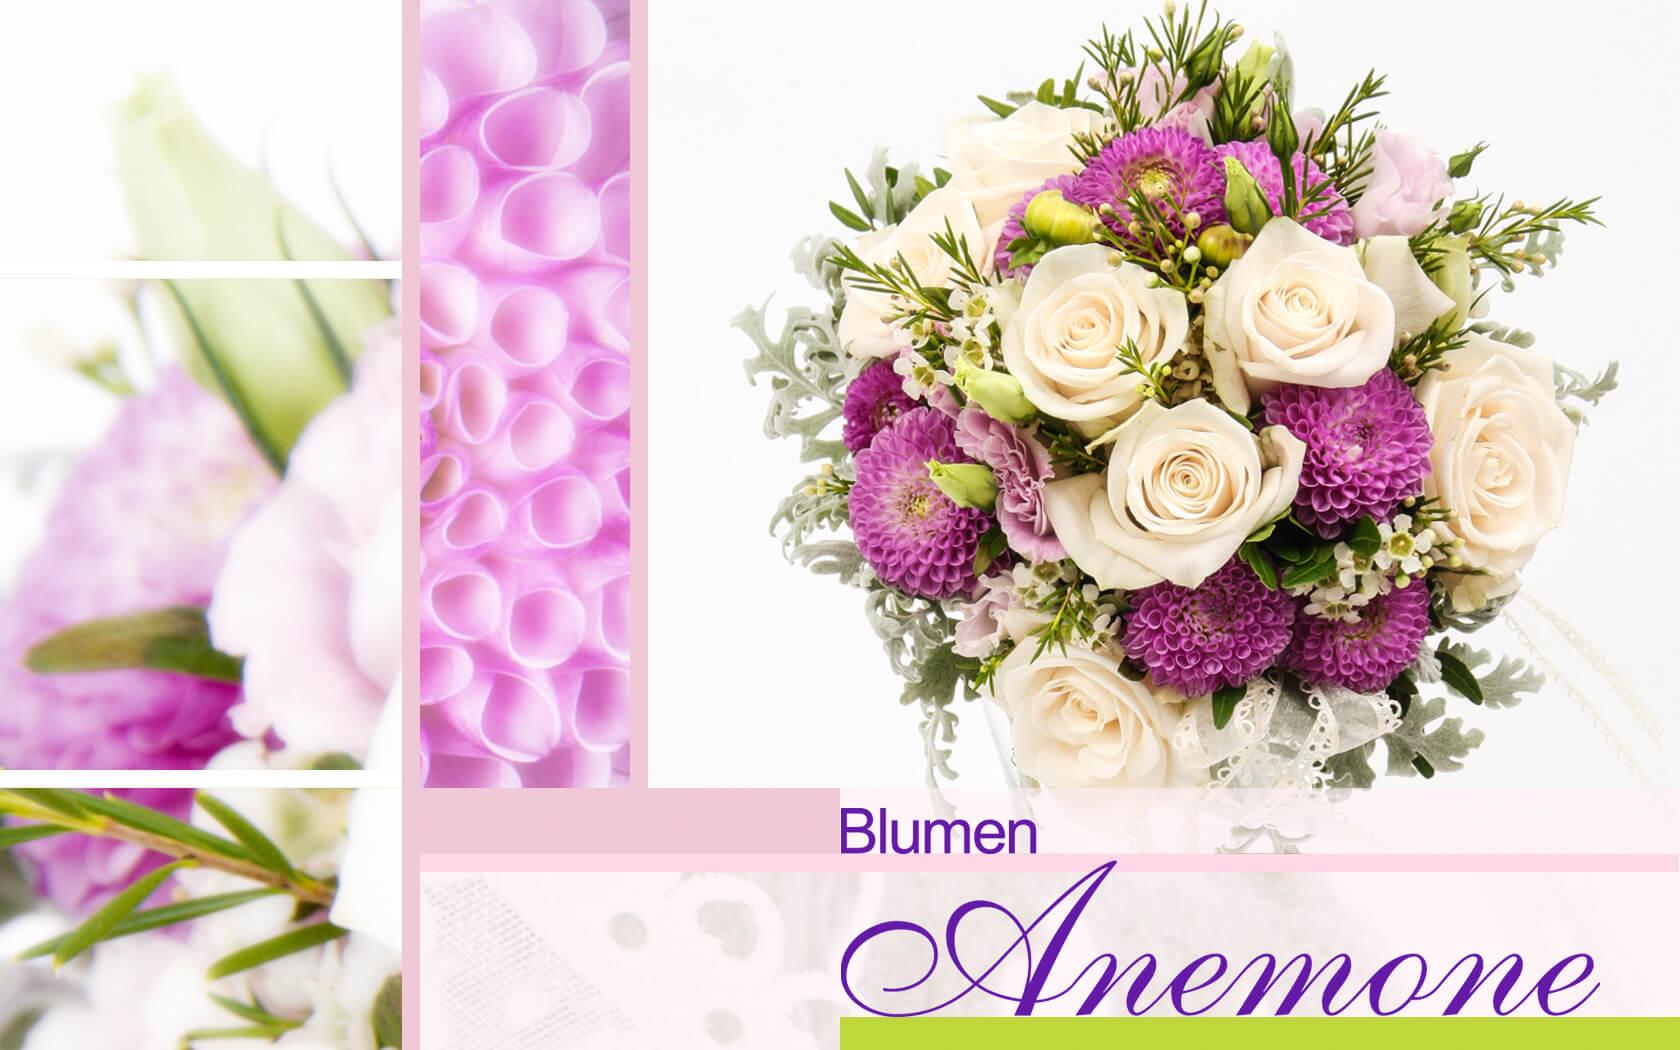 Blumen Munchen Blumen Anemone Munchen